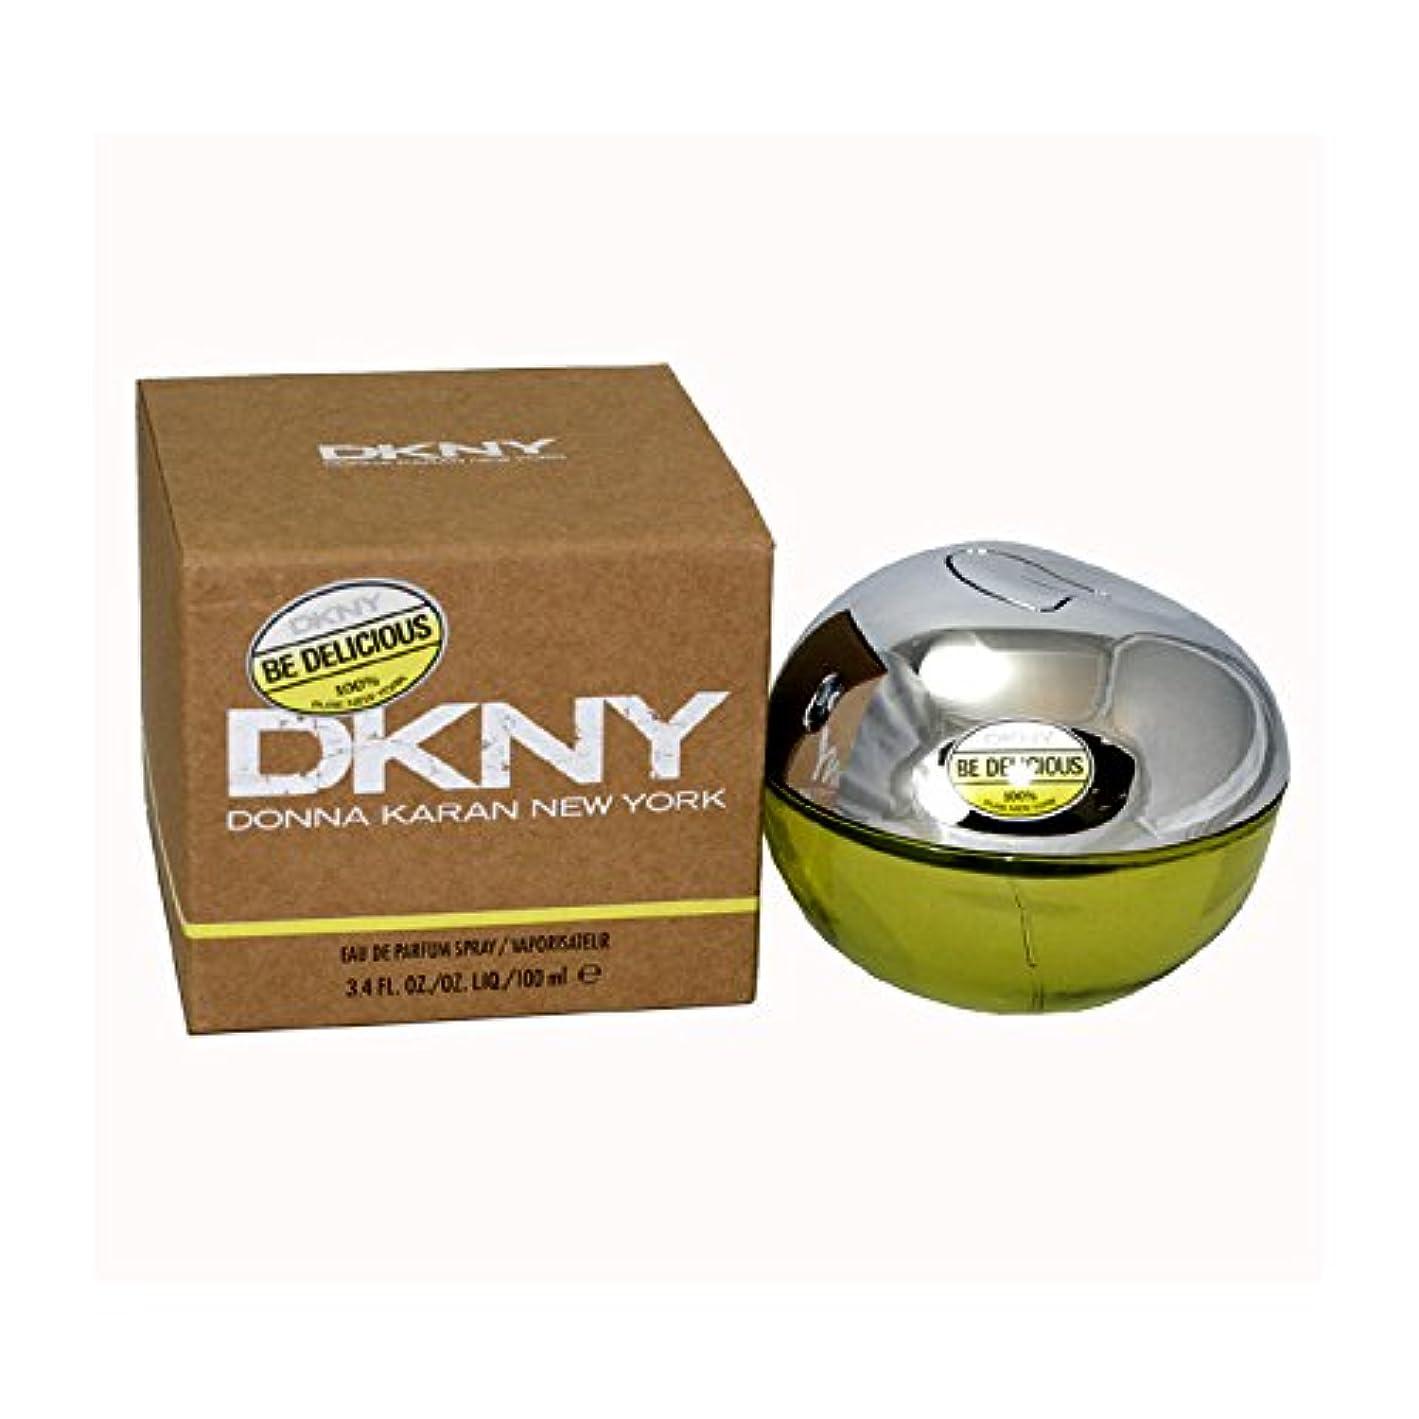 電池放つ趣味ダナキャラン DKNYビーデリシャス オードパルファン スプレー 100ml (女性用)